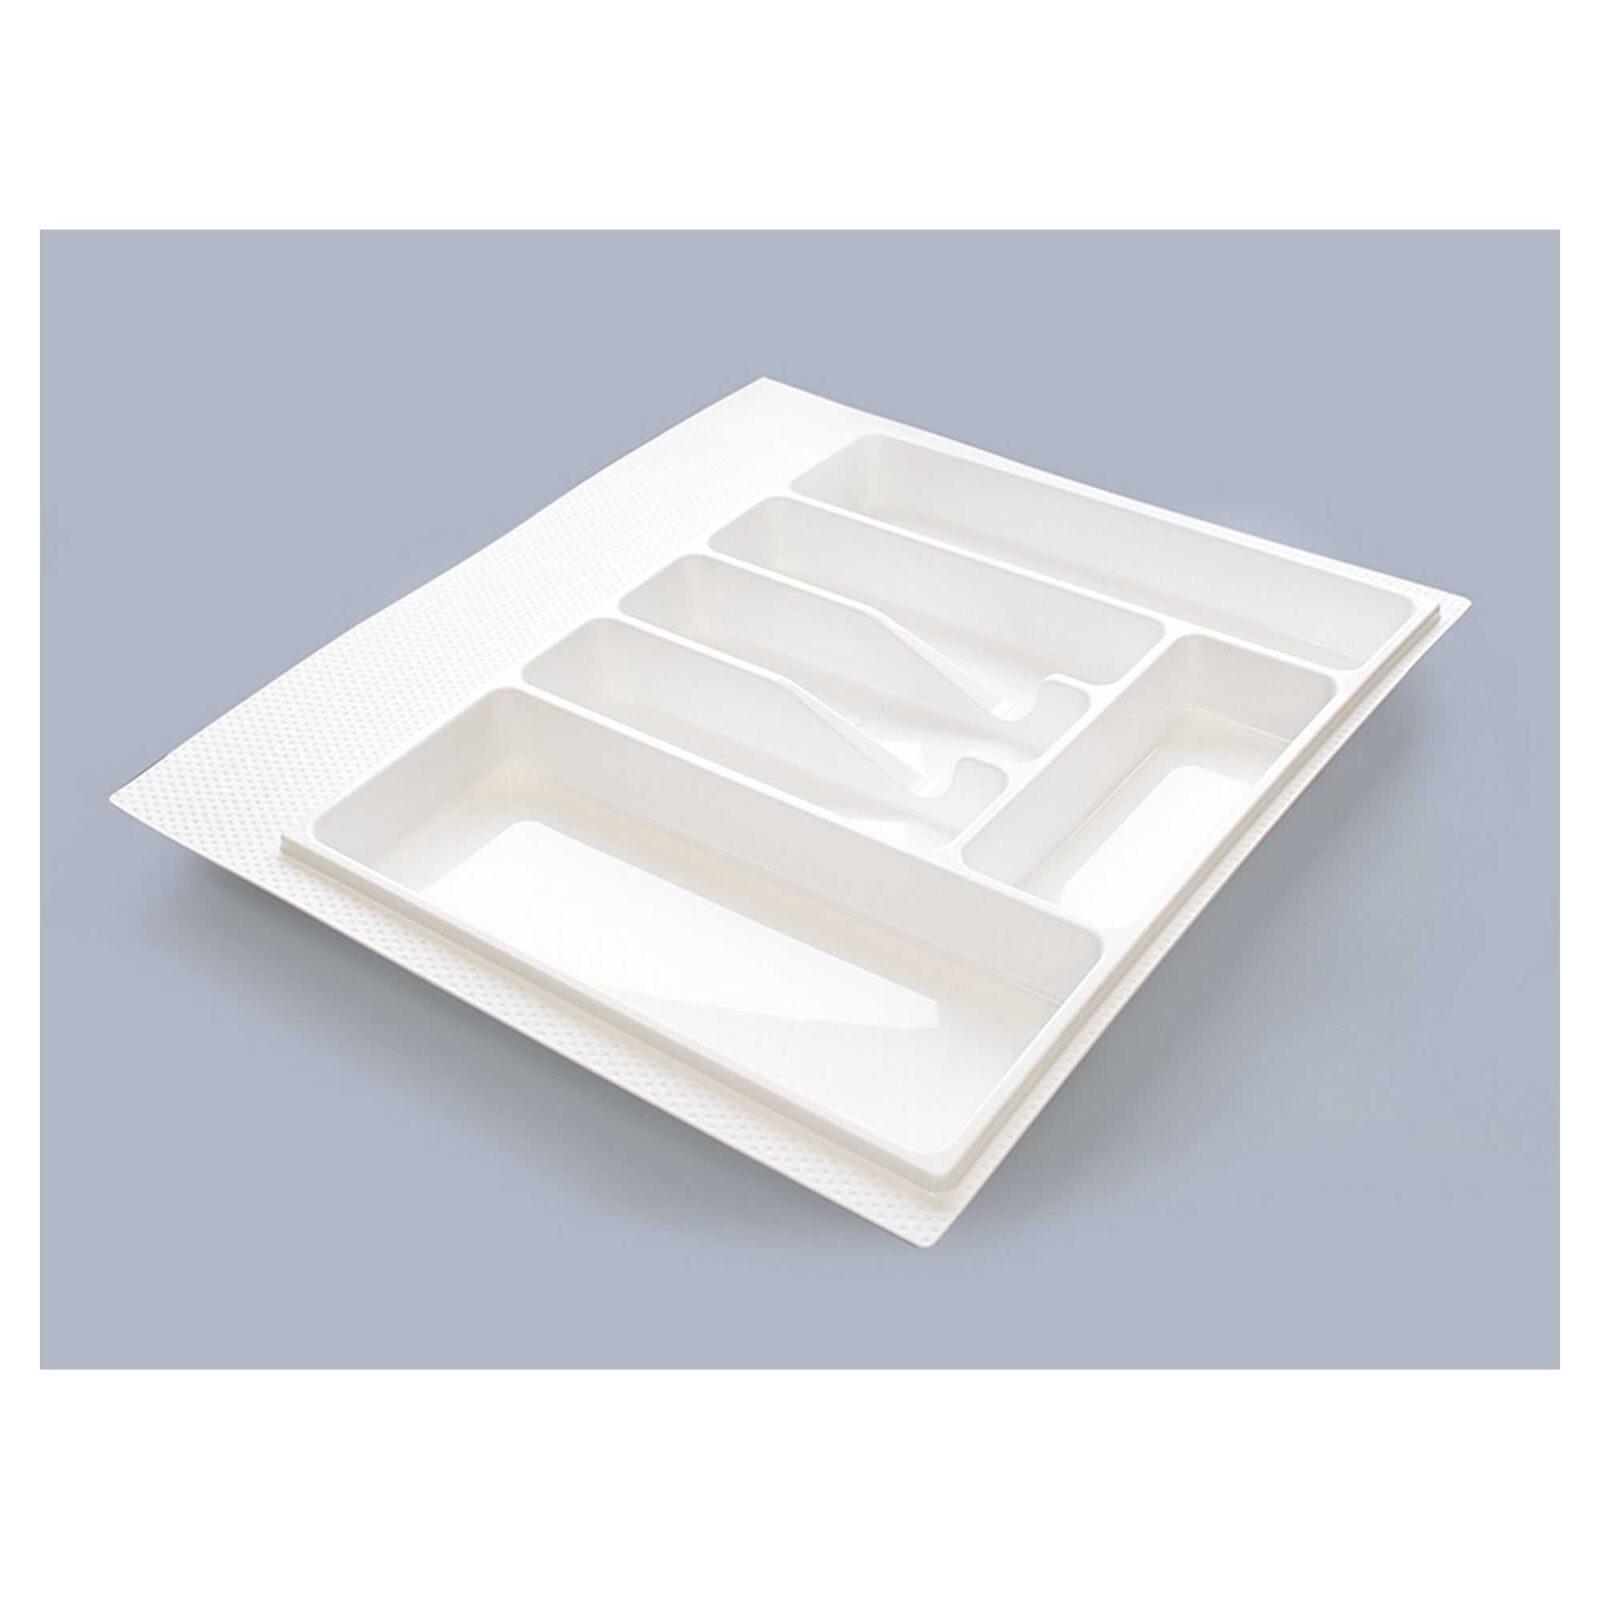 Лоток для столовых приборов М600(540х490)белый